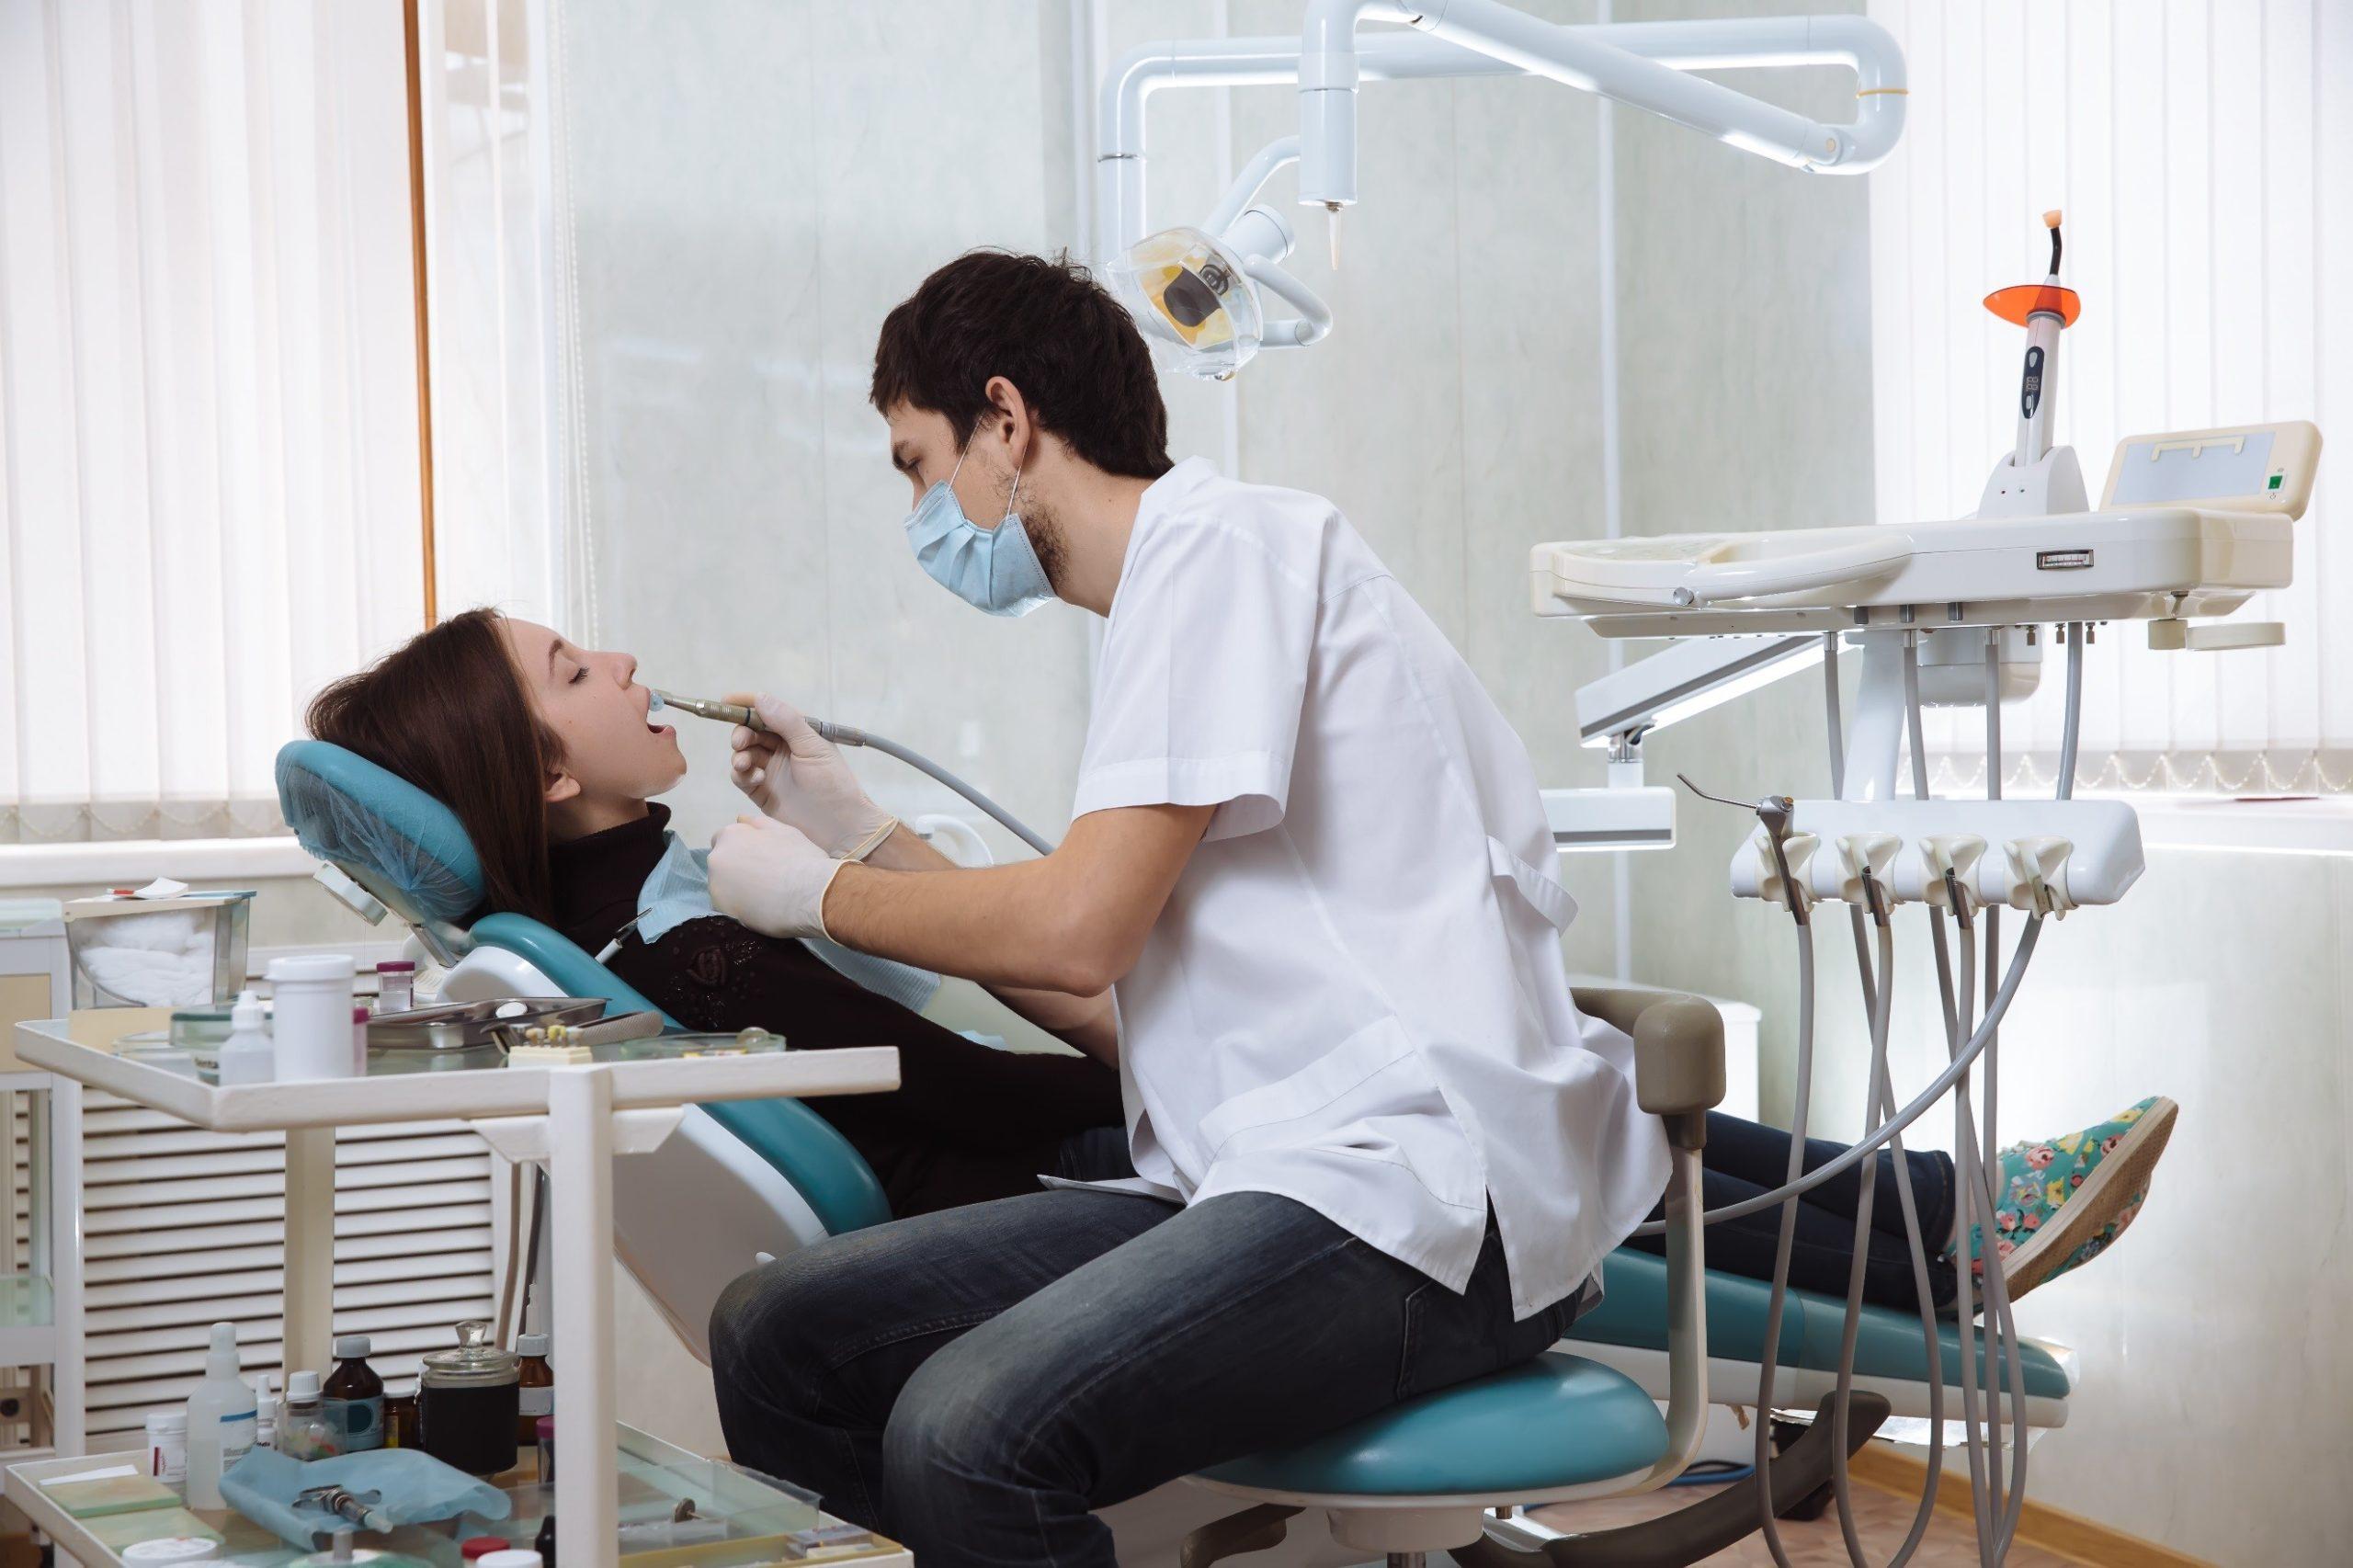 La vape, un atout pour la santé bucco-dentaire des fumeurs